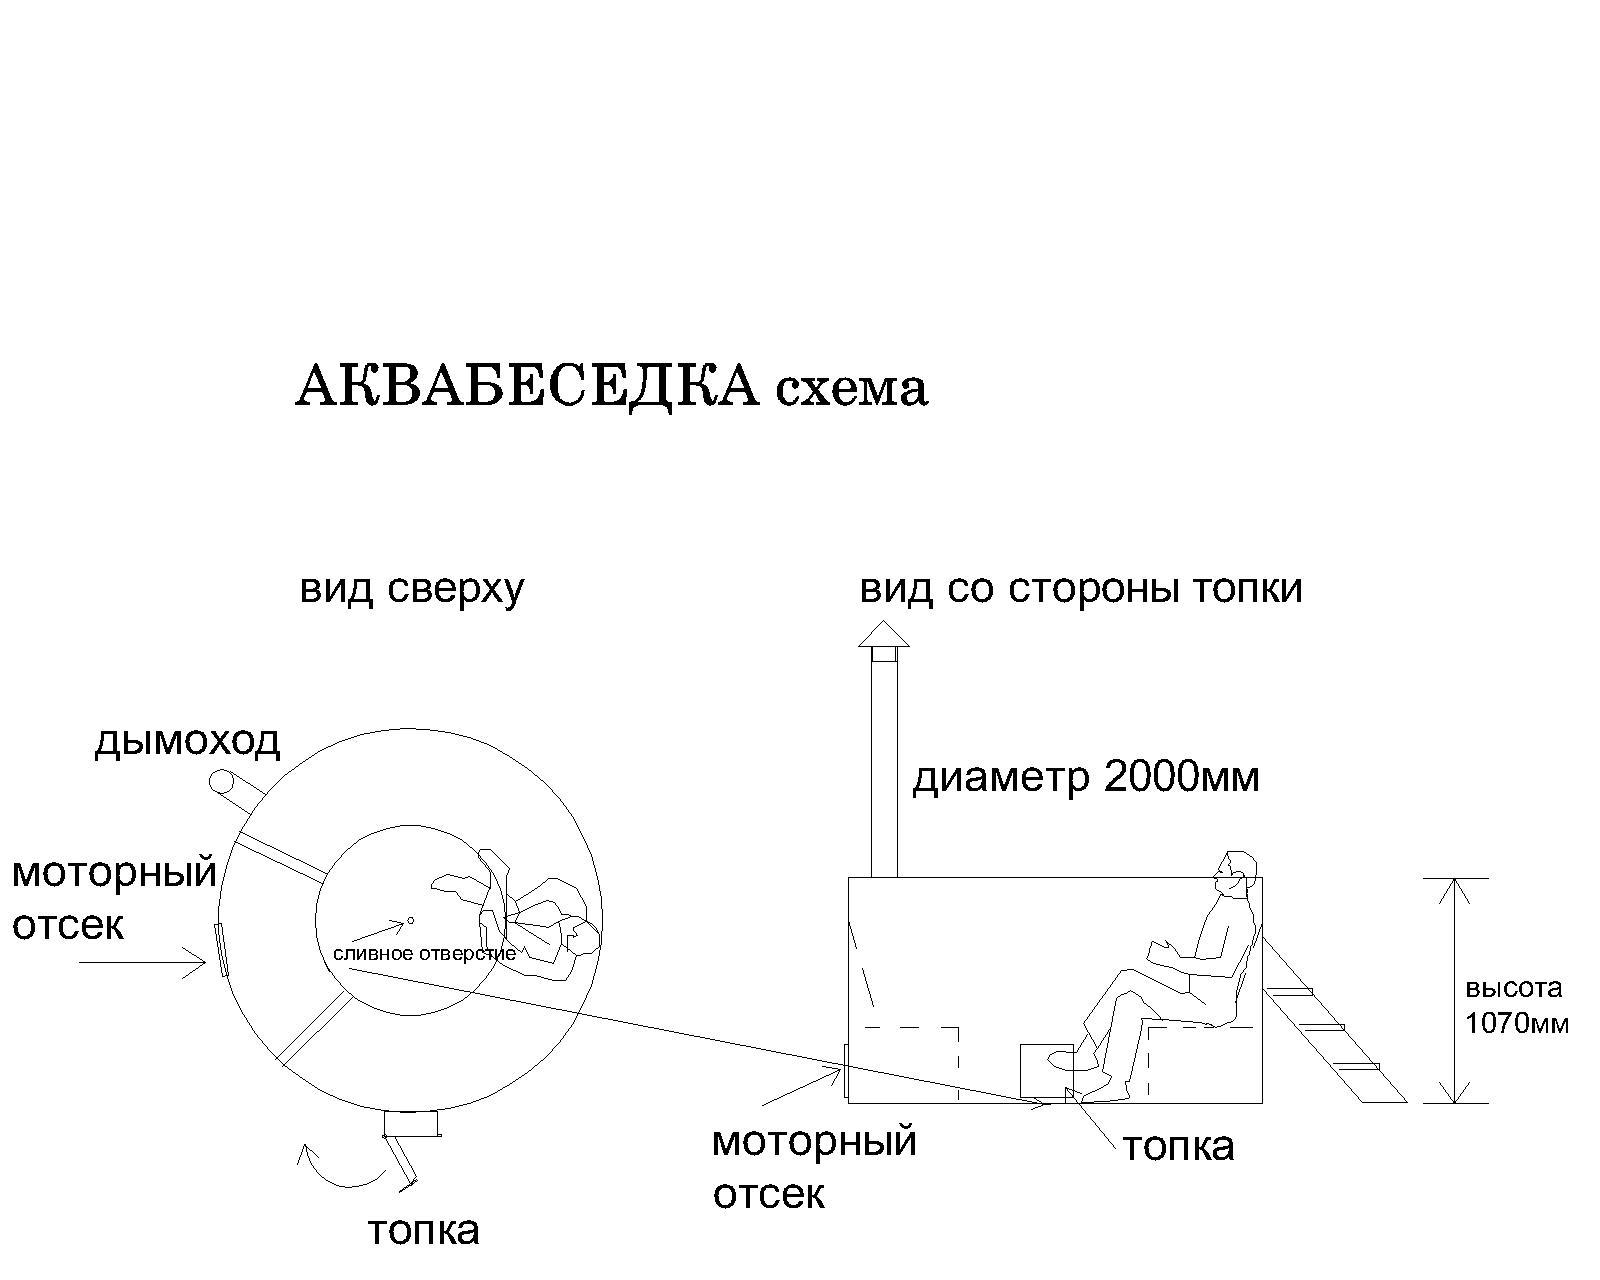 Чертеж аквабеседки сверху-Модель